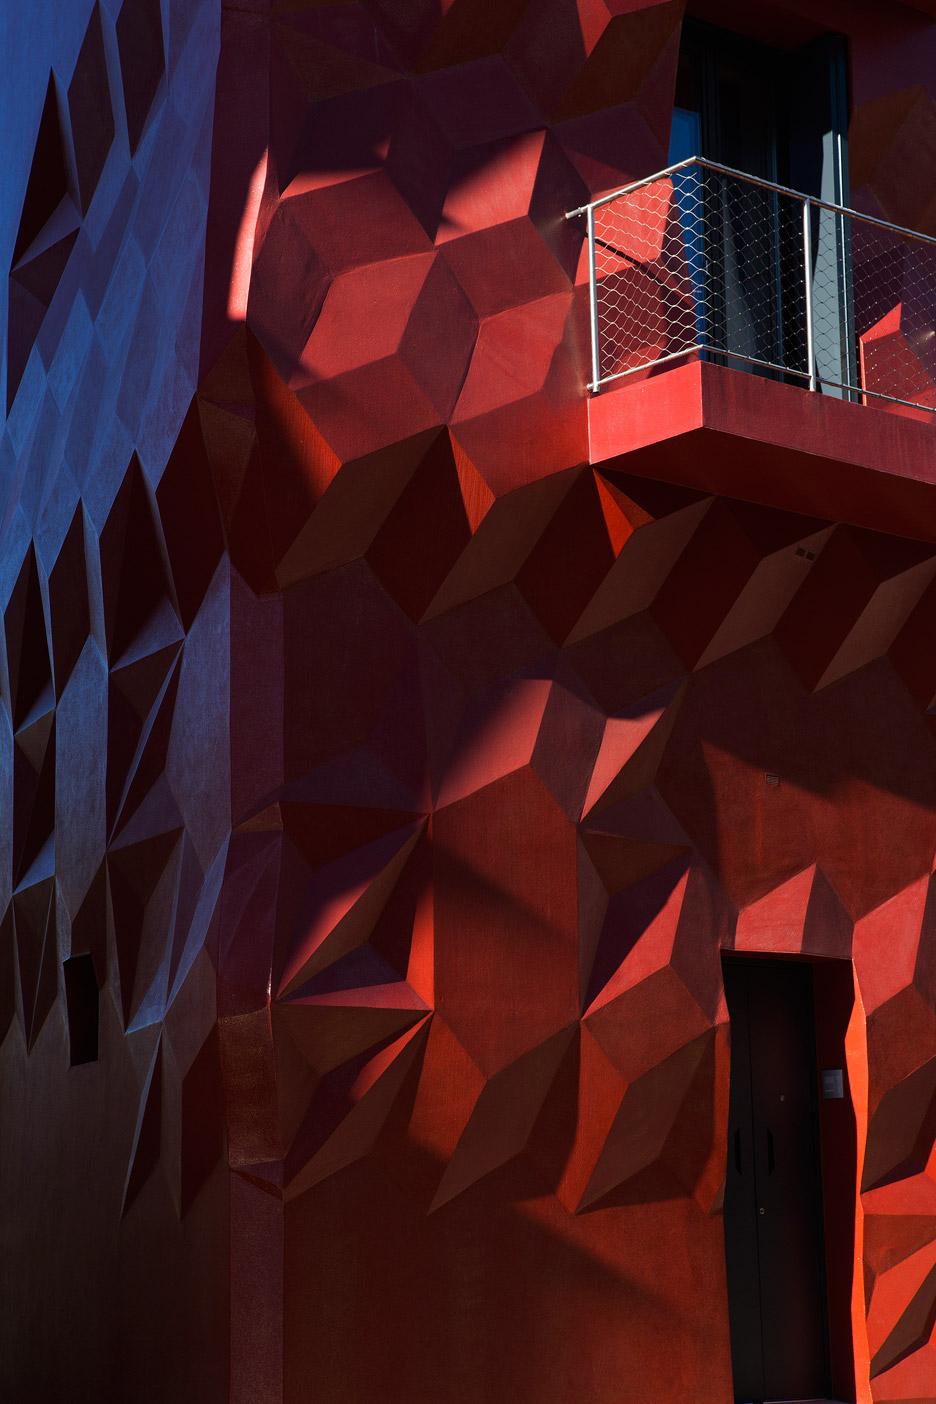 gentle-genius-gg-loop-facade-refurbishment_dezeen_936_3